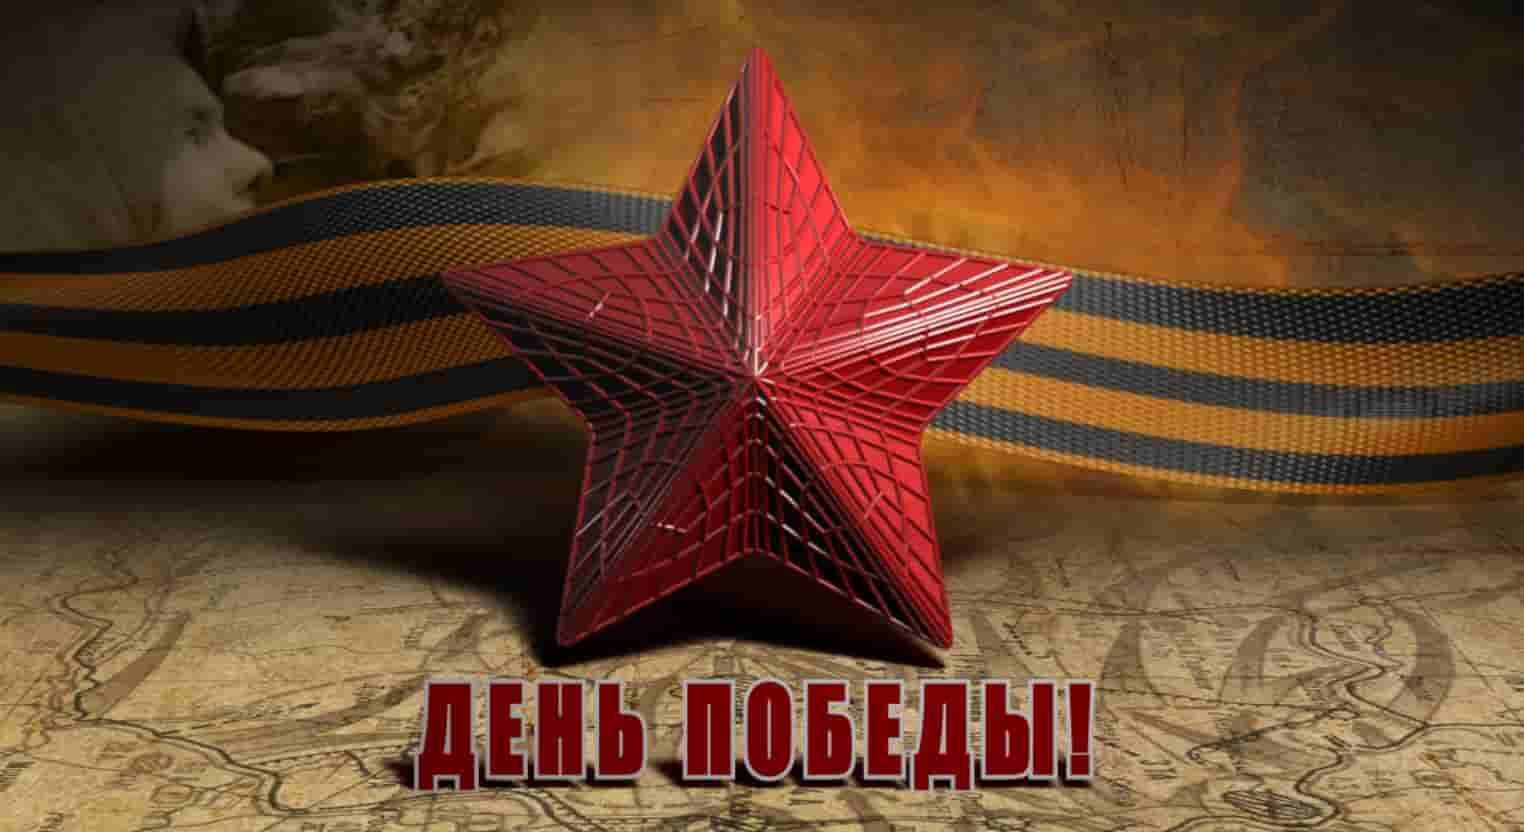 Воспеваем День Победы! (9 мая 2020) - Общественная дипломатия